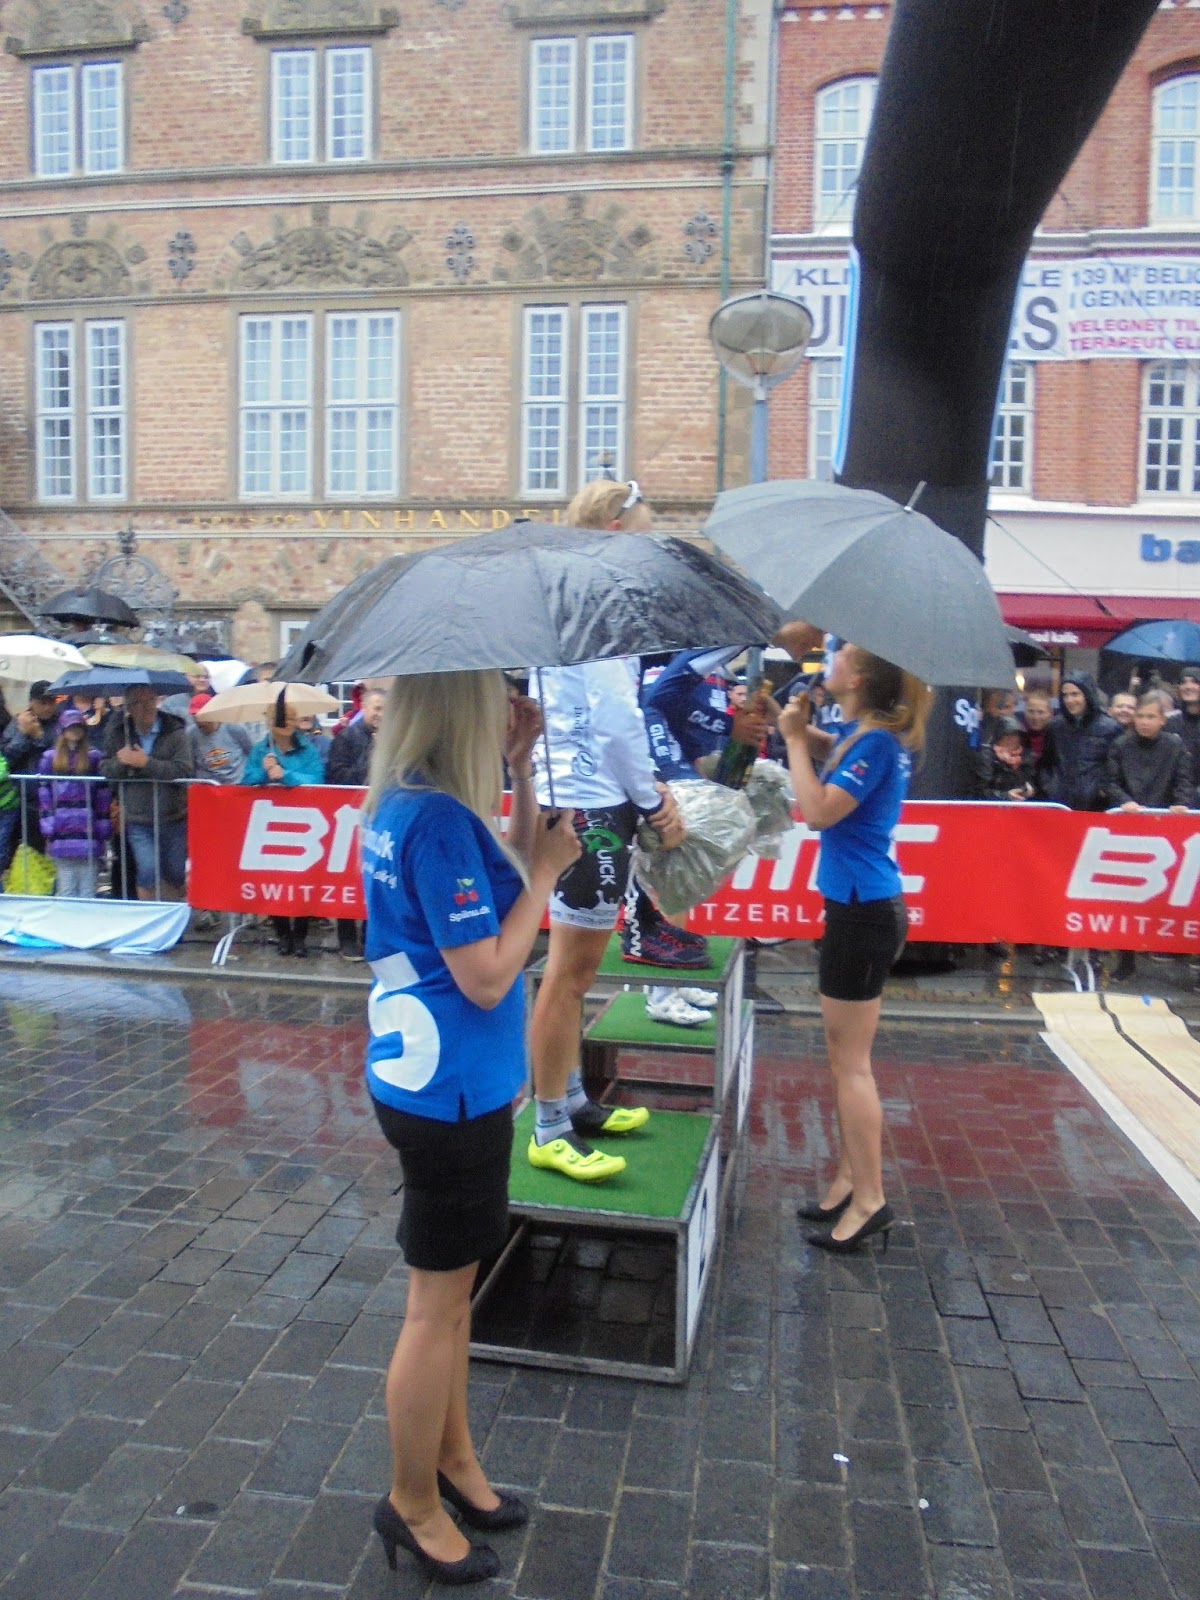 dansker vinder marathon